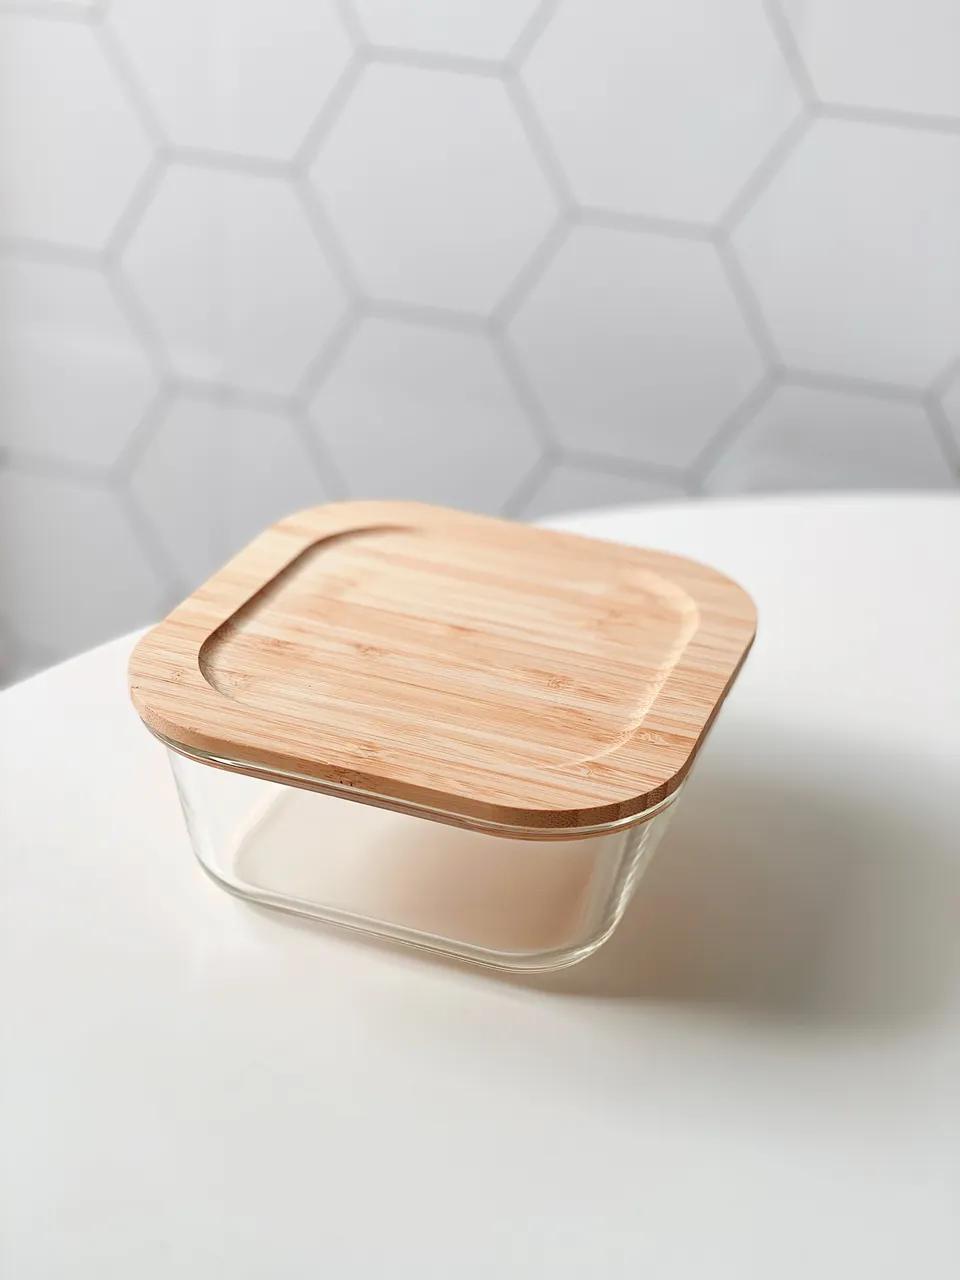 Kit Pote de Vidro Quadrado com Tampa de Bambu - 3 Peças  - CASACOBRE